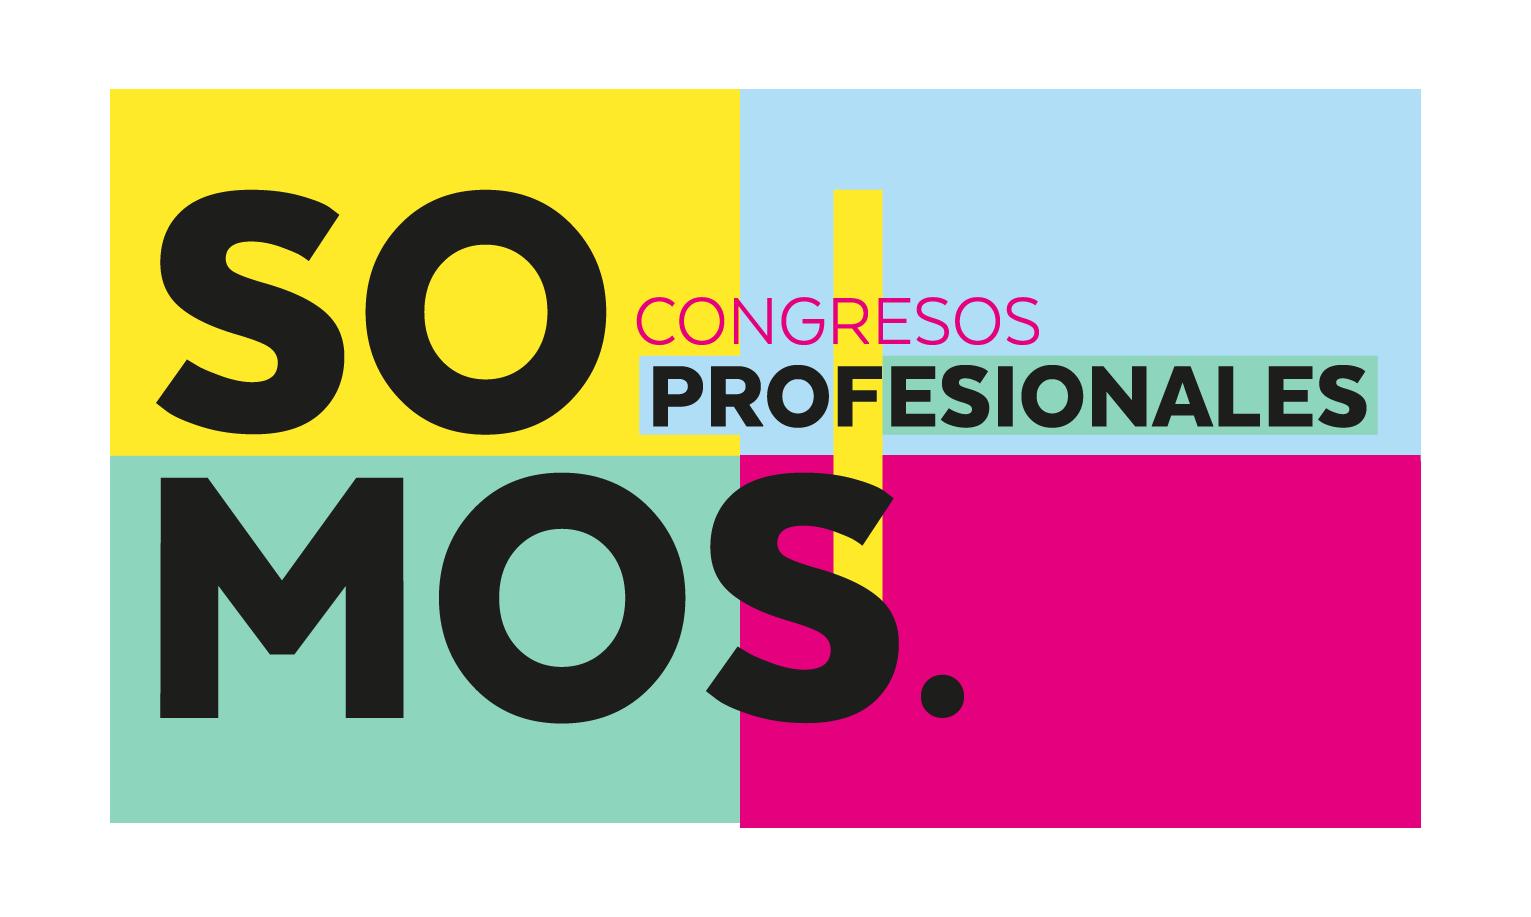 Cita importante: El congreso SOMOS PROFESIONALES, el próximo martes en INFECAR